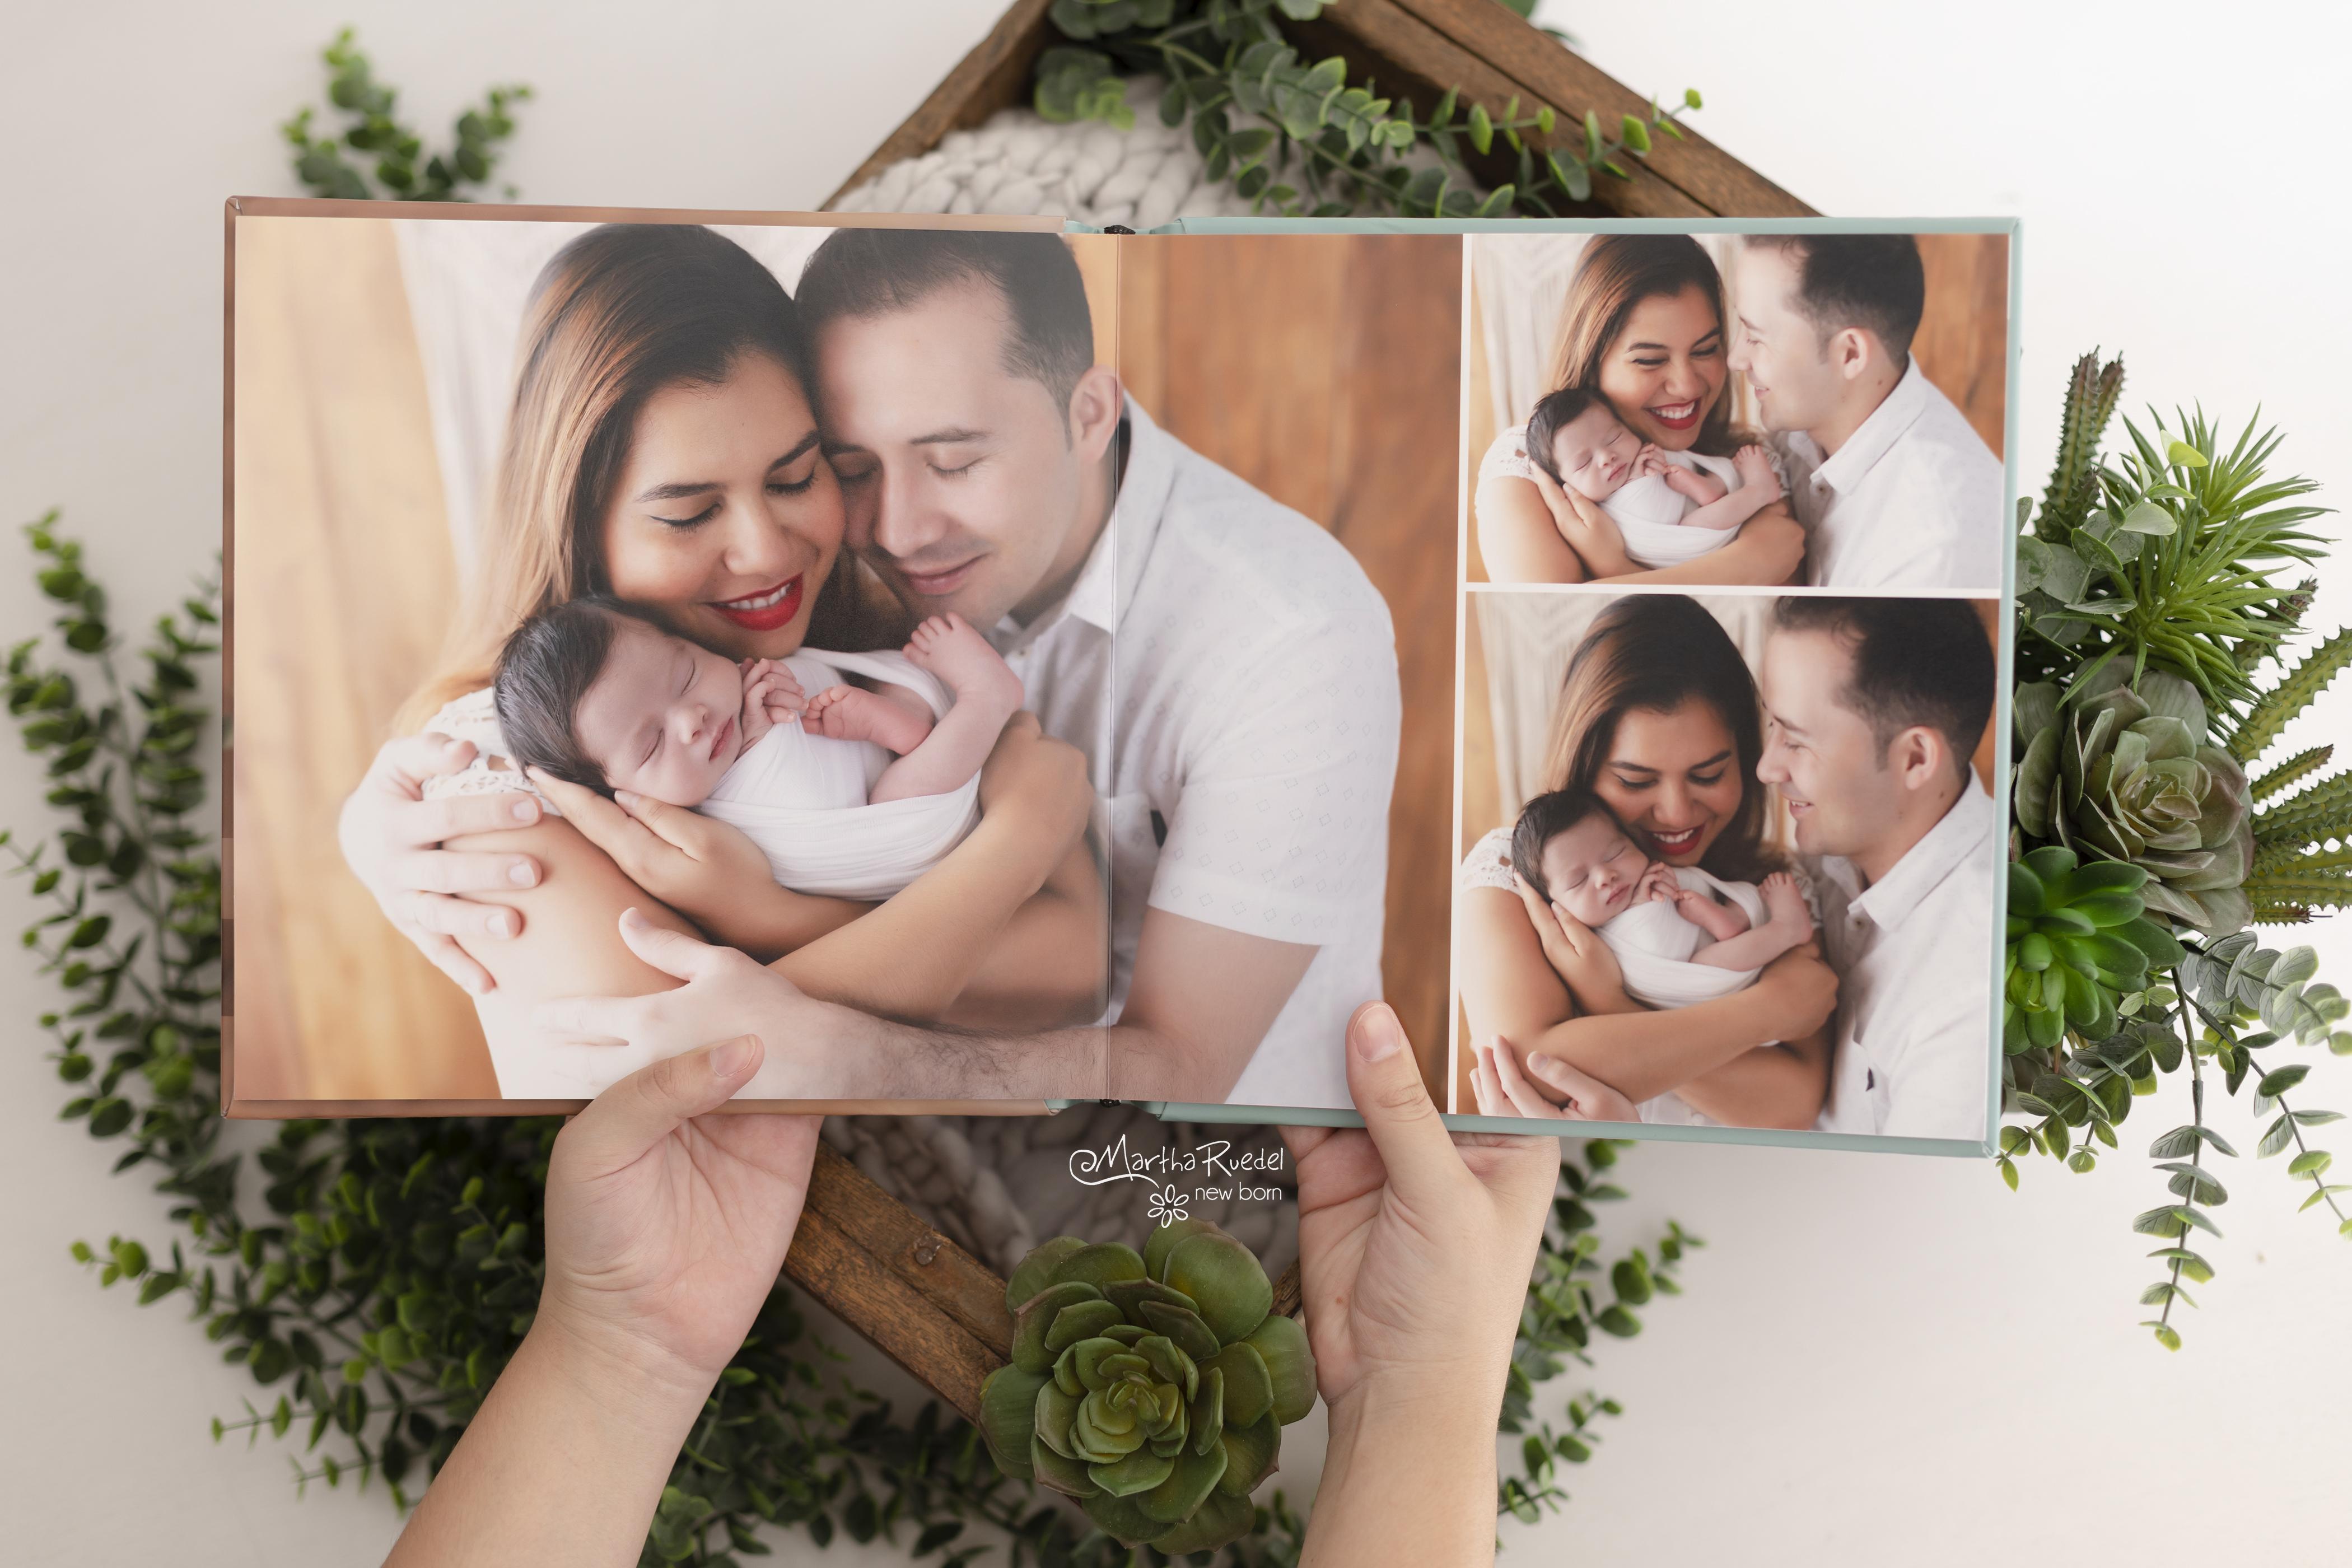 Contate Sesión de fotos bebe, fotografia newborn, embarazo y de familia en granada